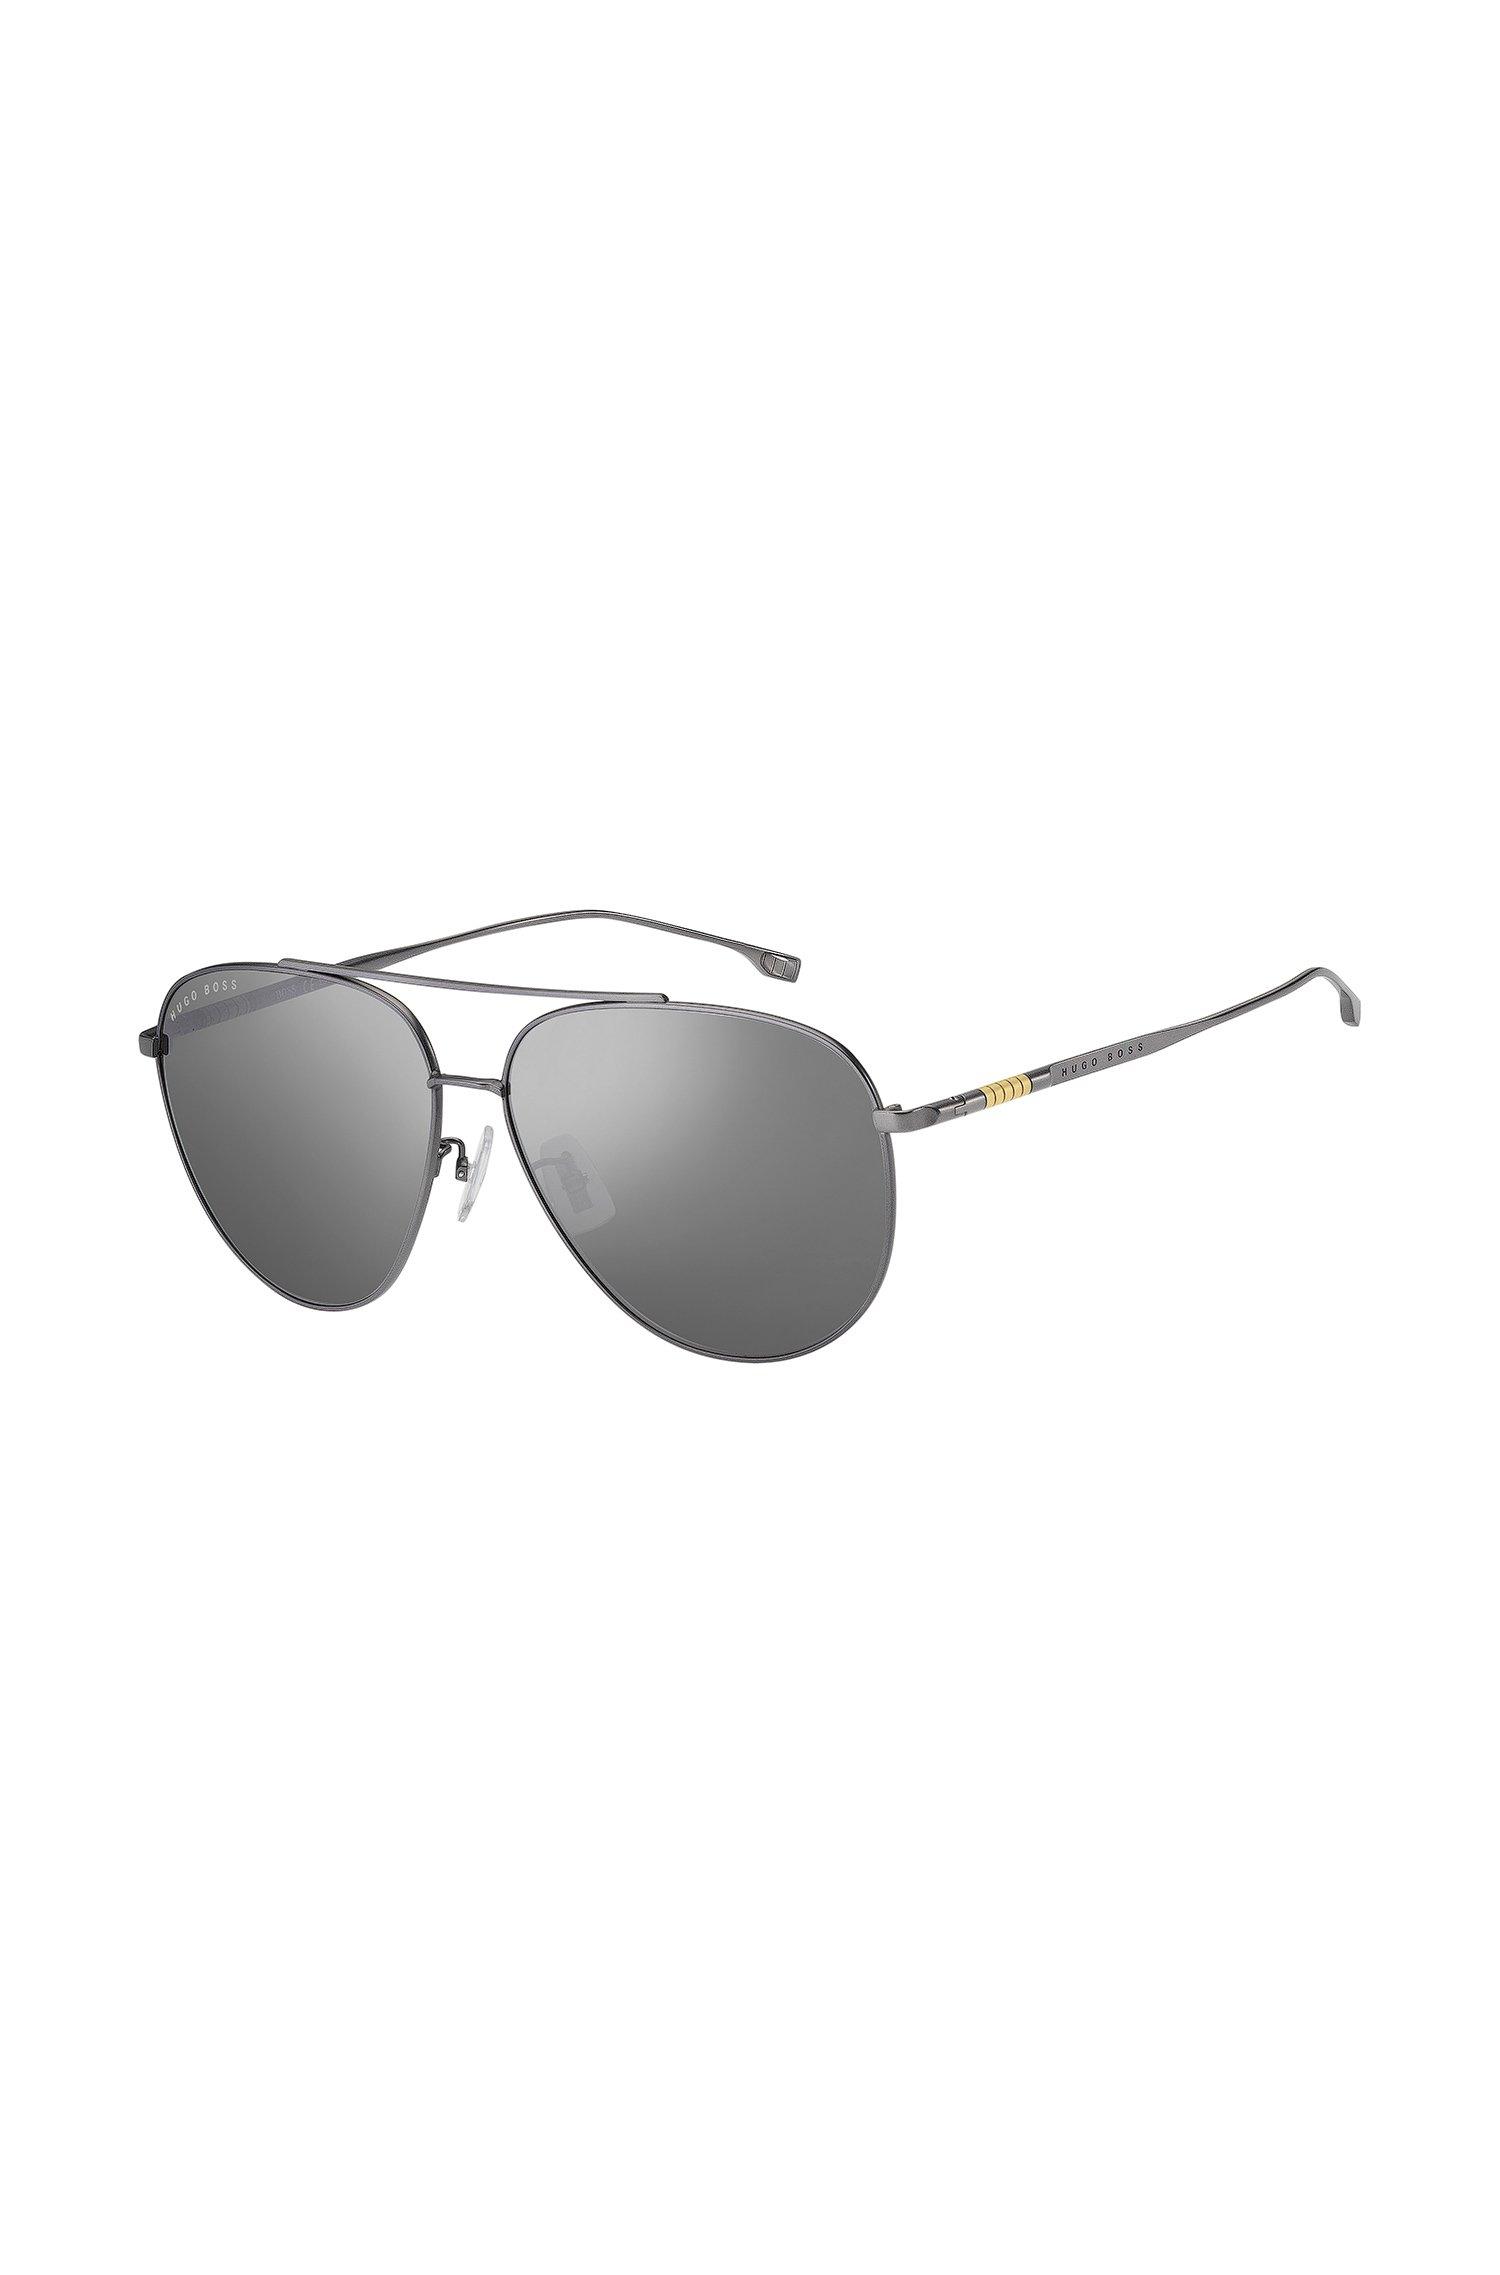 Sonnenbrille mit Doppelsteg und verspiegelten Gläsern in Silber-Optik, Assorted-Pre-Pack